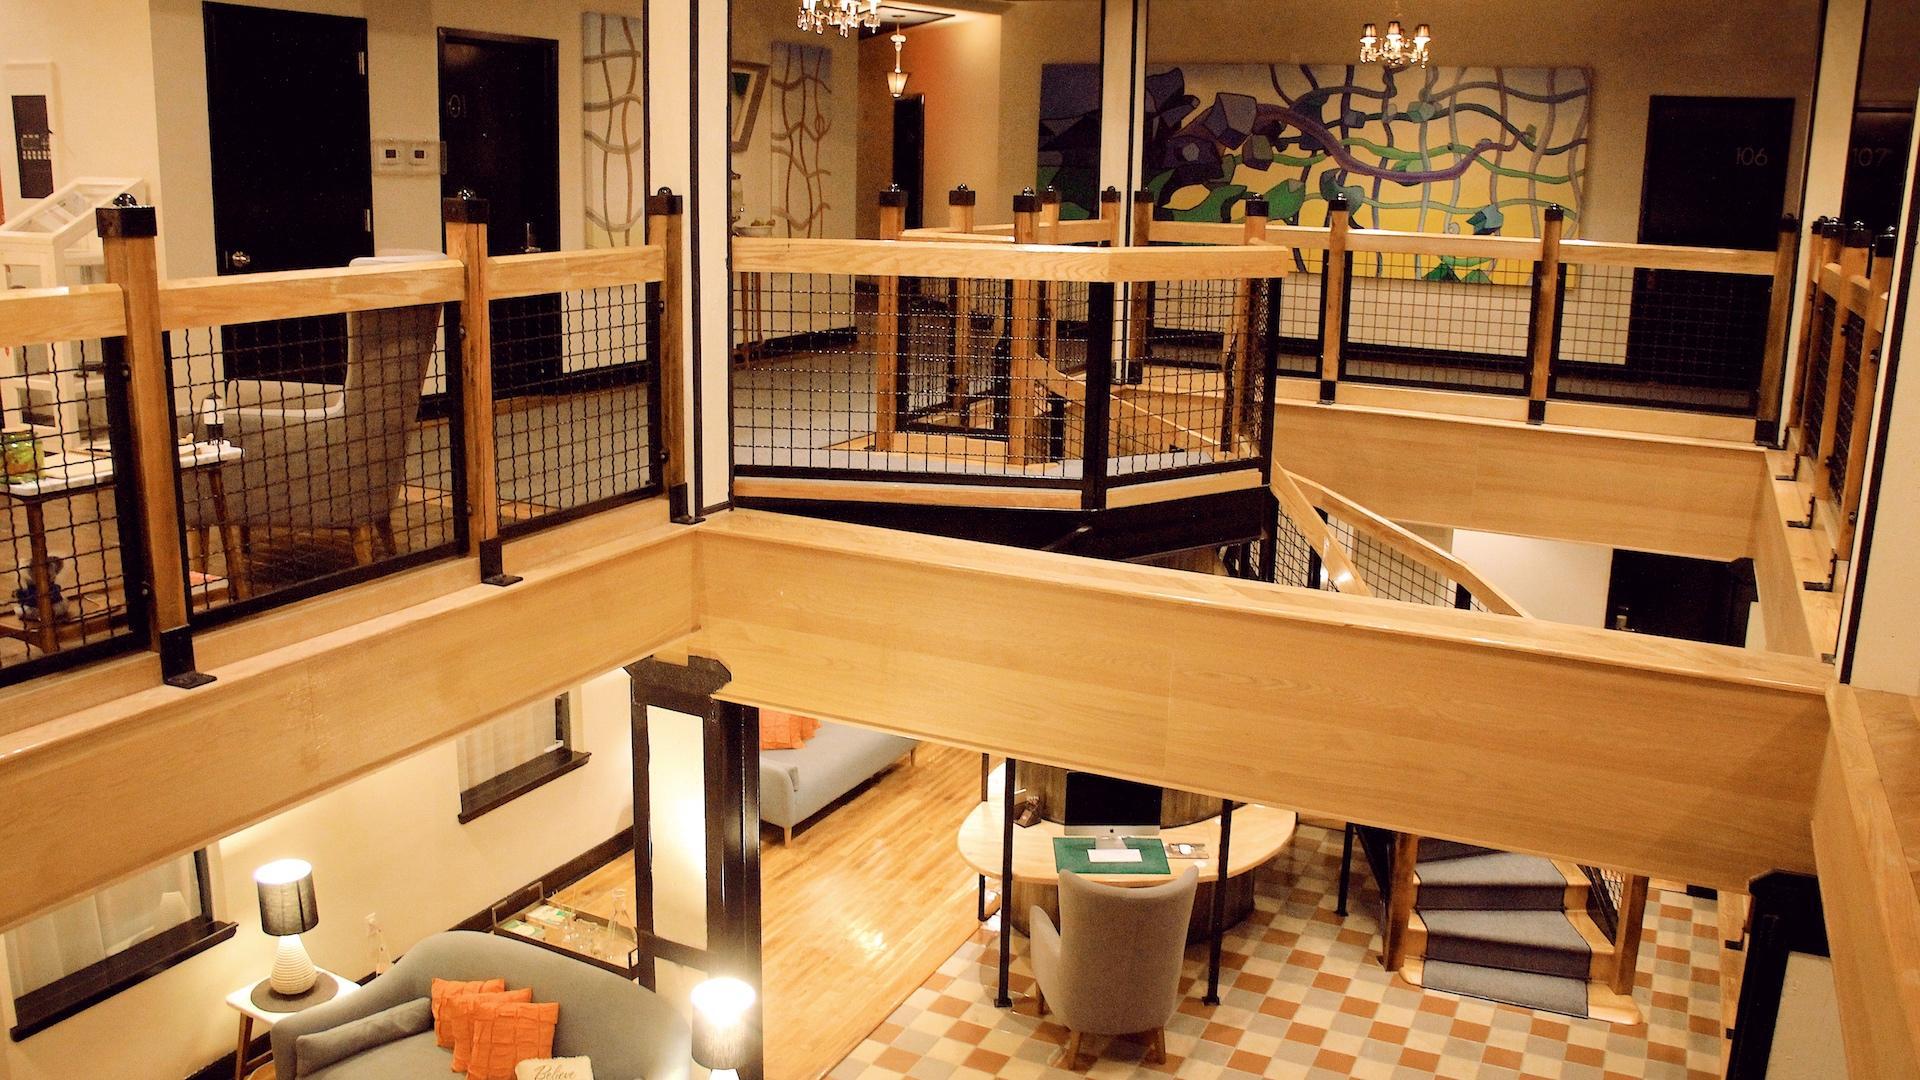 en los niveles dos y tres tenemos acceso a unos balcones de uso general y en el subsuelo encontramos una sala de lectura y estar y un pequeo gimnasio